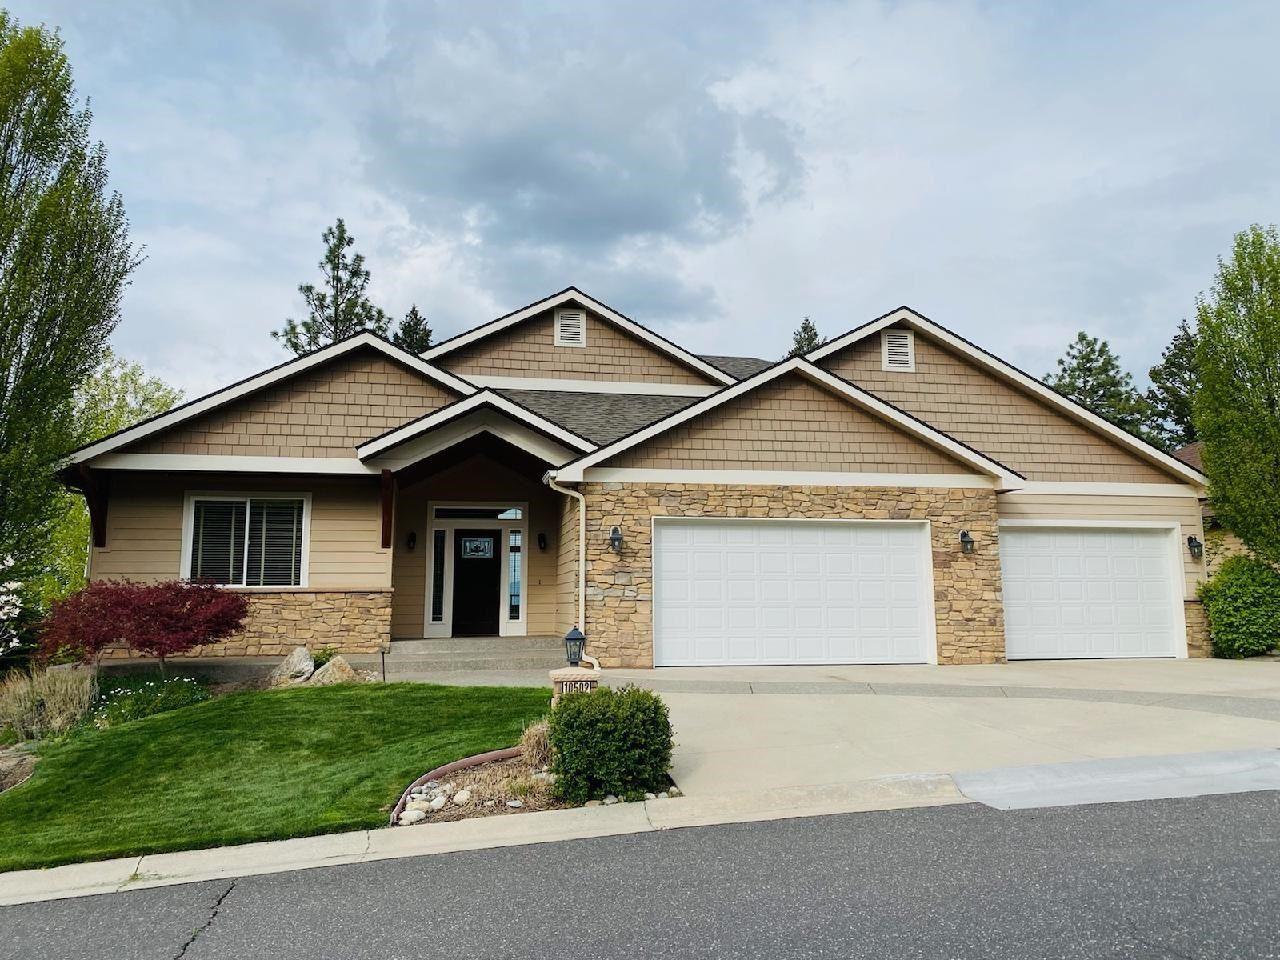 10502 N Edna Ln, Spokane, WA 99218-2646 - #: 202114905